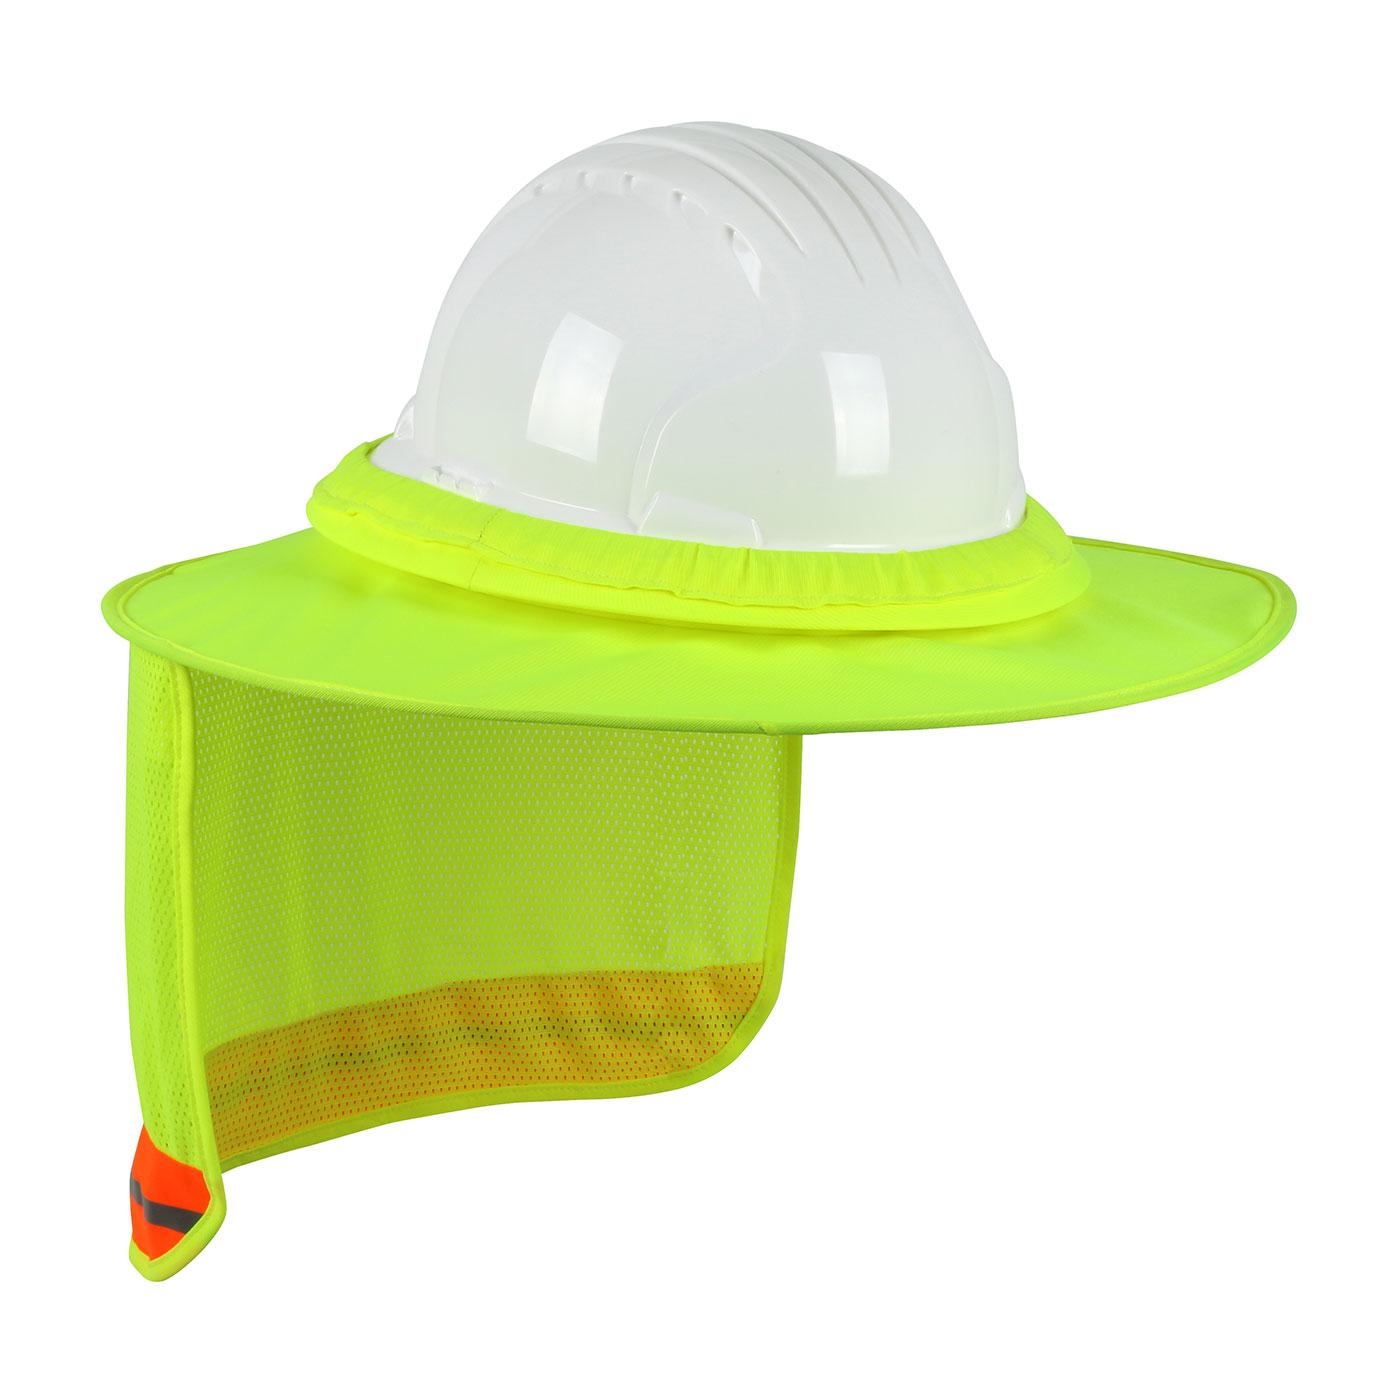 PIP 396-850 EZ-Cool Hi-vis Full Brim Hard Hat Visor and Neck Shade, Yellow